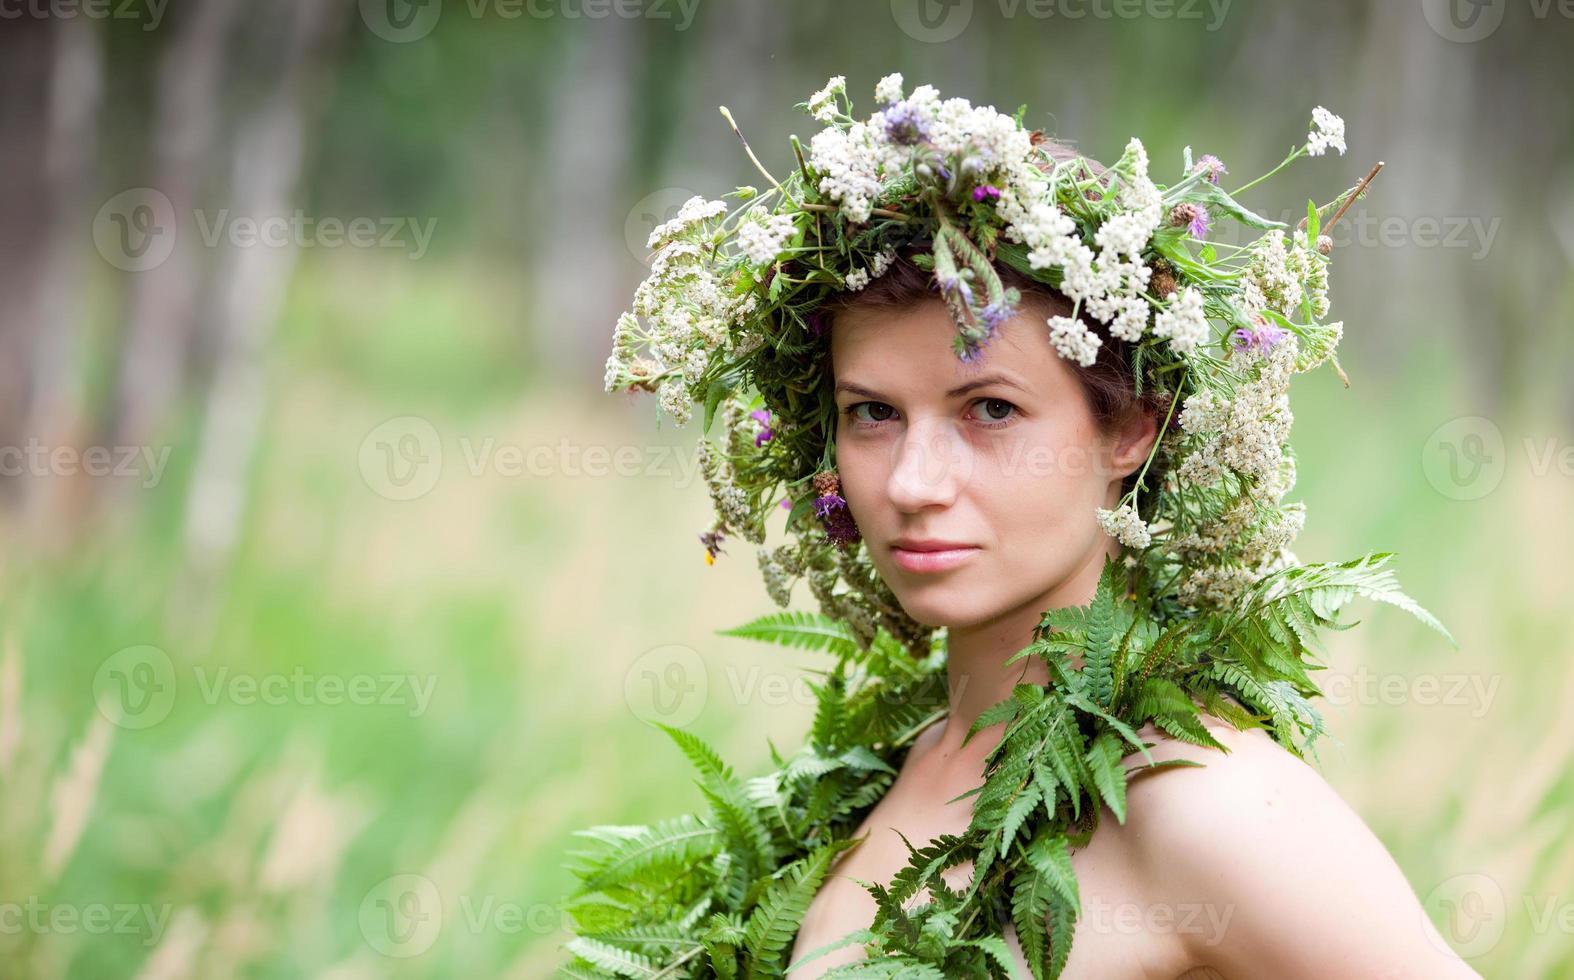 bloemen vrouw krans foto